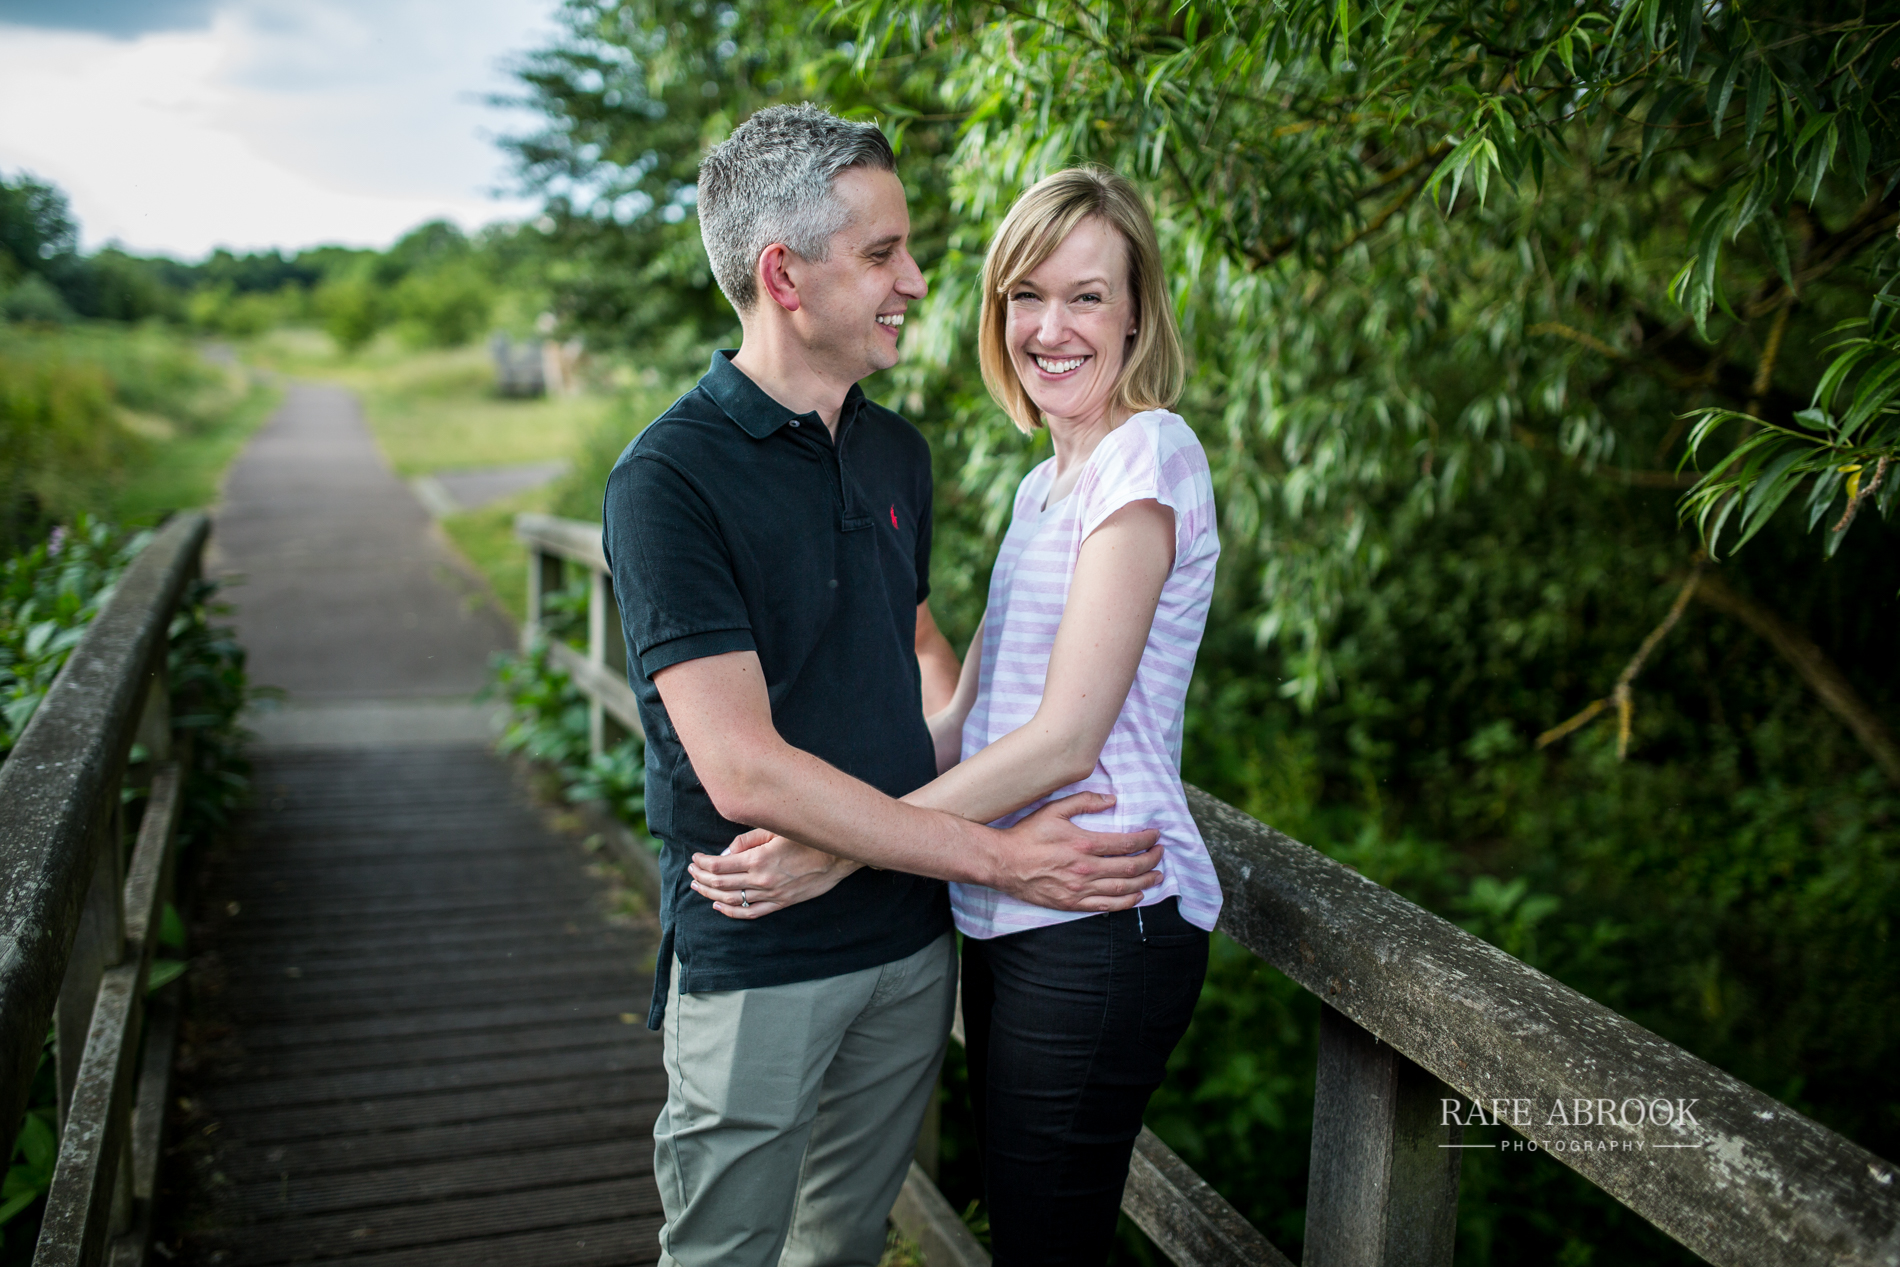 emily & andrew engagement shoot lea valley park cheshunt hertfordshire-1003.jpg